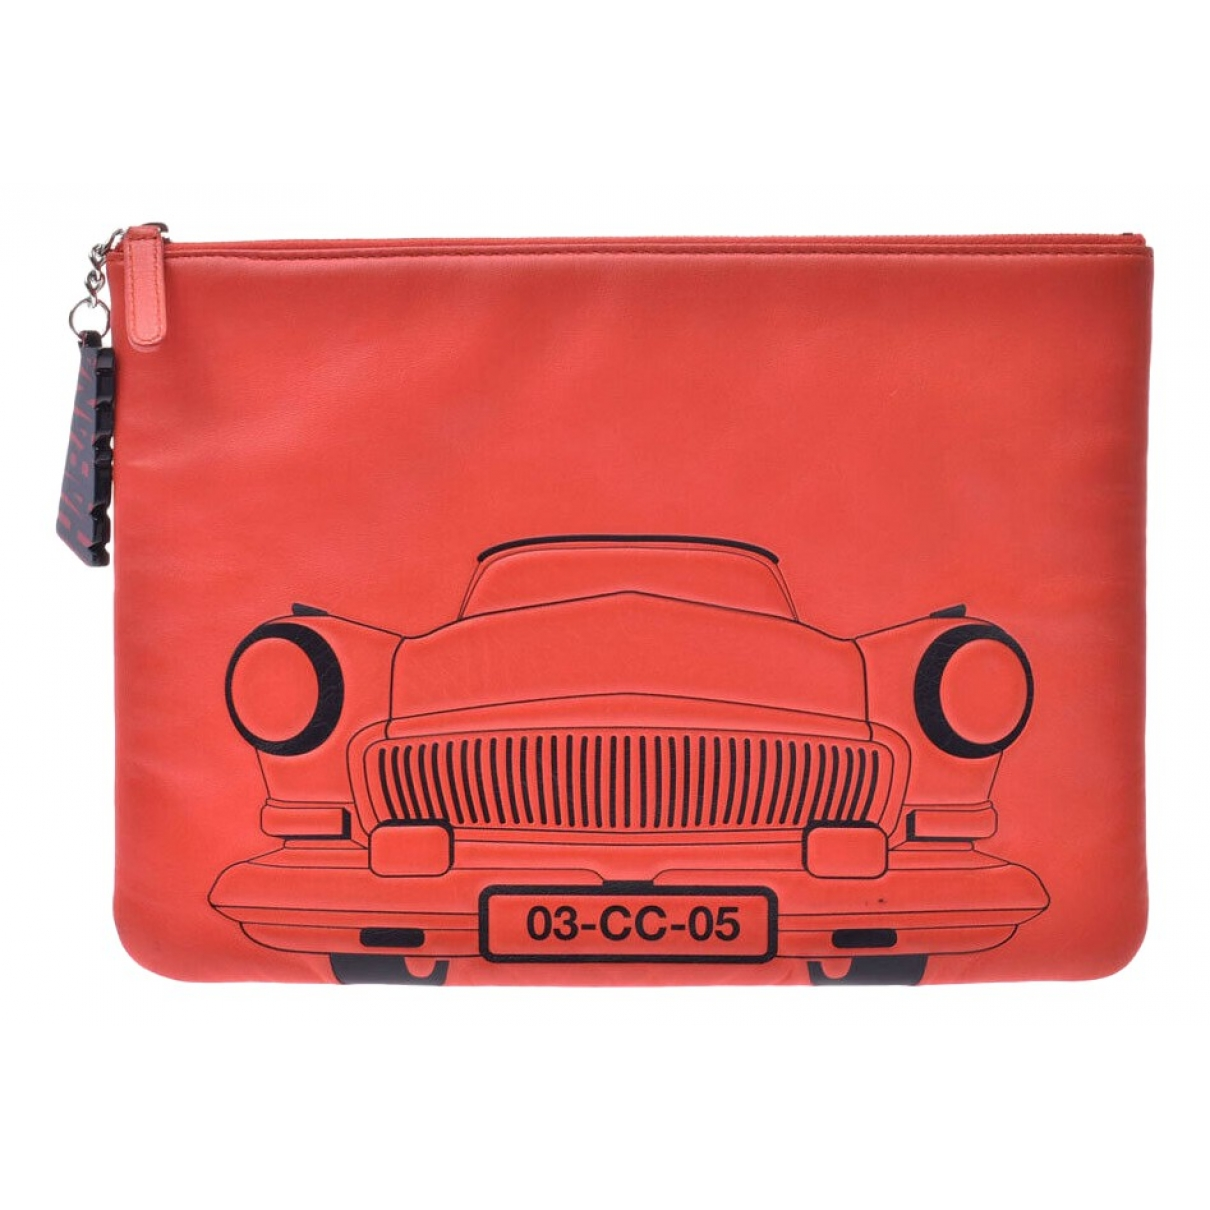 Chanel \N Orange Leather Clutch bag for Women \N